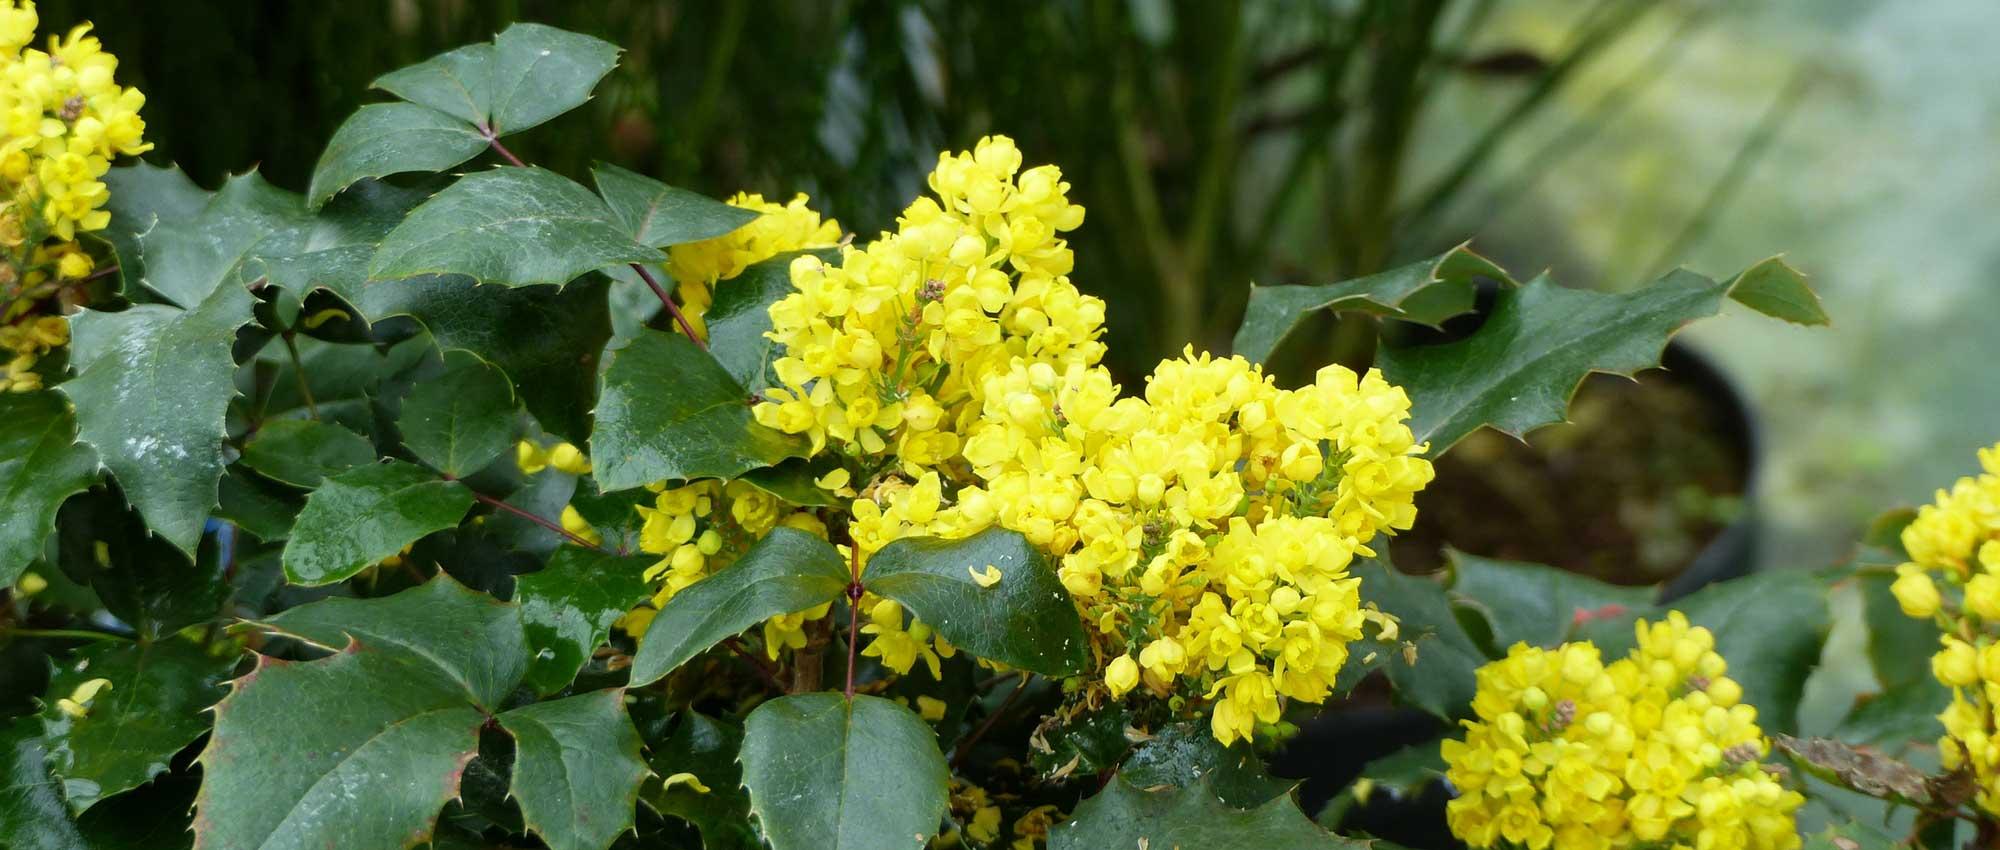 Comment Faire Une Pousse De Houx mahonia : comment le planter, le tailler et l'entretenir ?